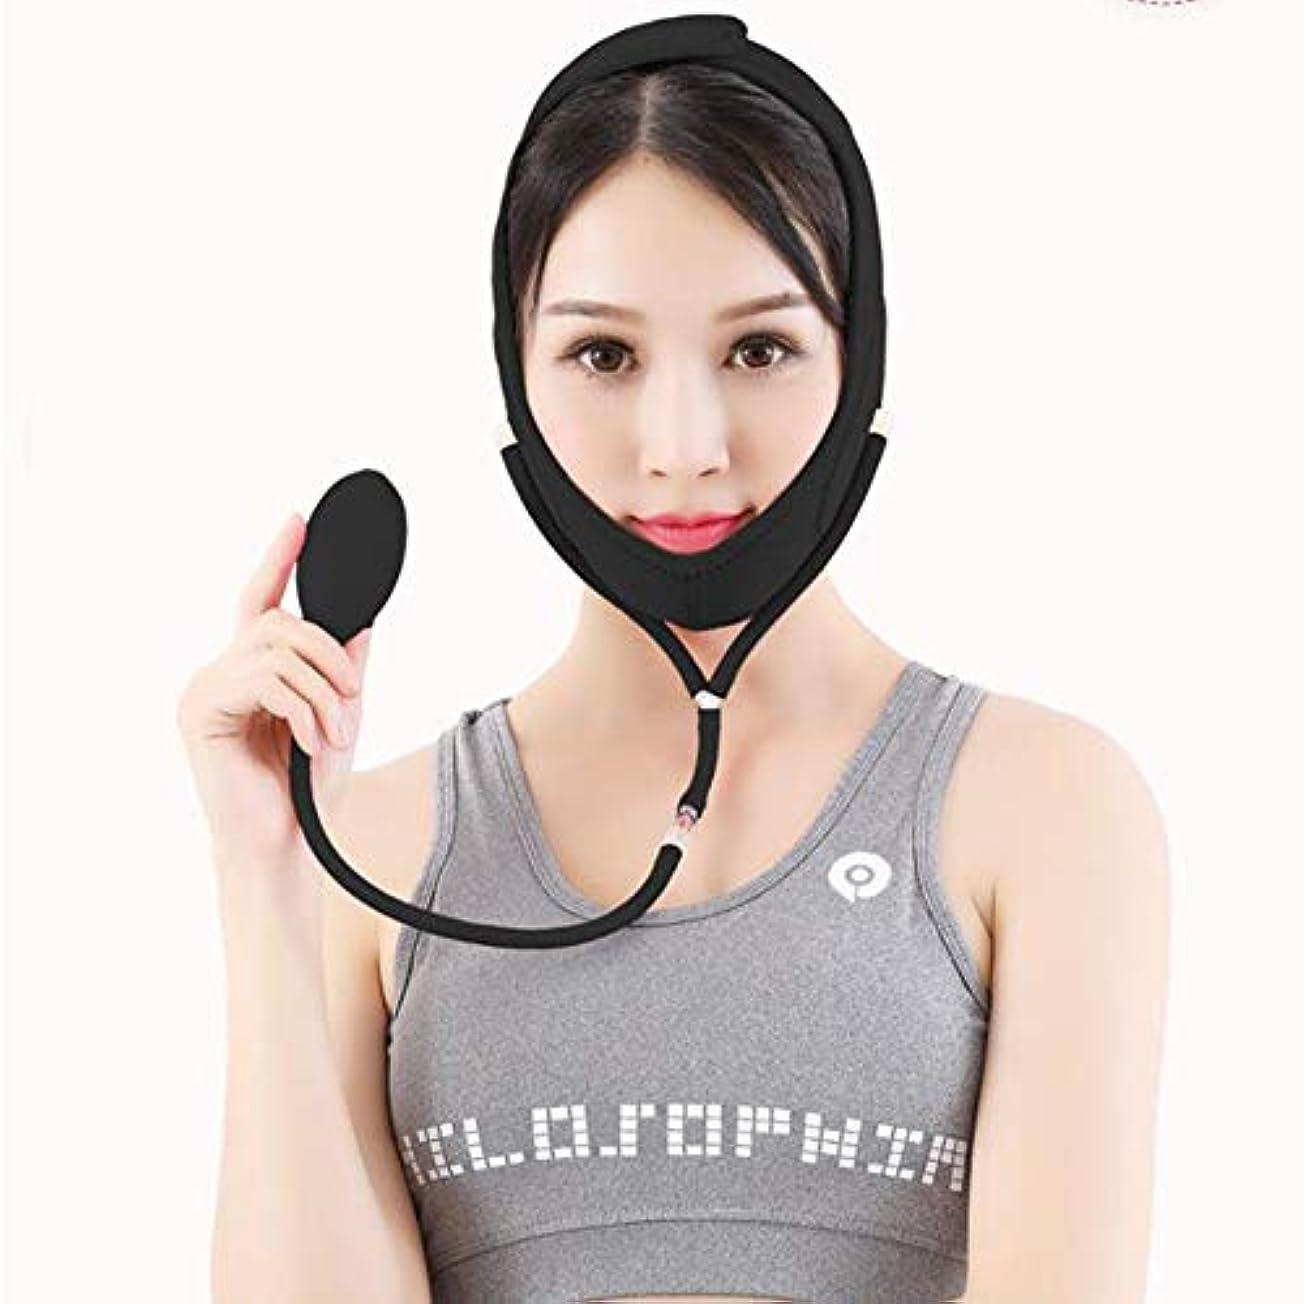 ブルーベル全体後継飛強強 フェイシャルリフティング痩身ベルトダブルエアバッグ圧力調整フェイス包帯マスク整形マスクが顔を引き締める スリムフィット美容ツール (Color : Black, Size : M)